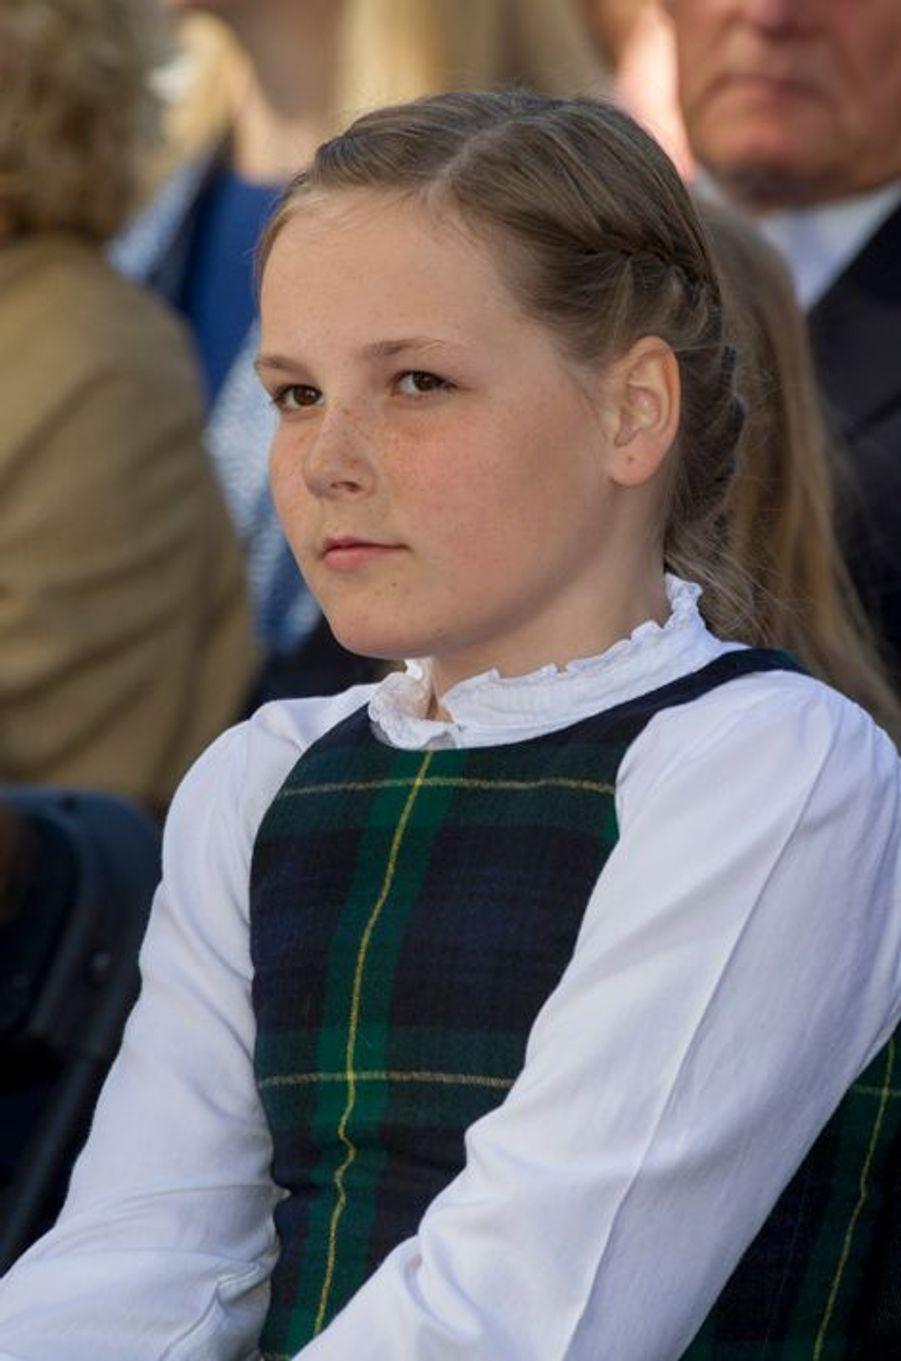 La princesse Ingrid-Alexandra de Norvège à Oslo, le 7 juin 2015